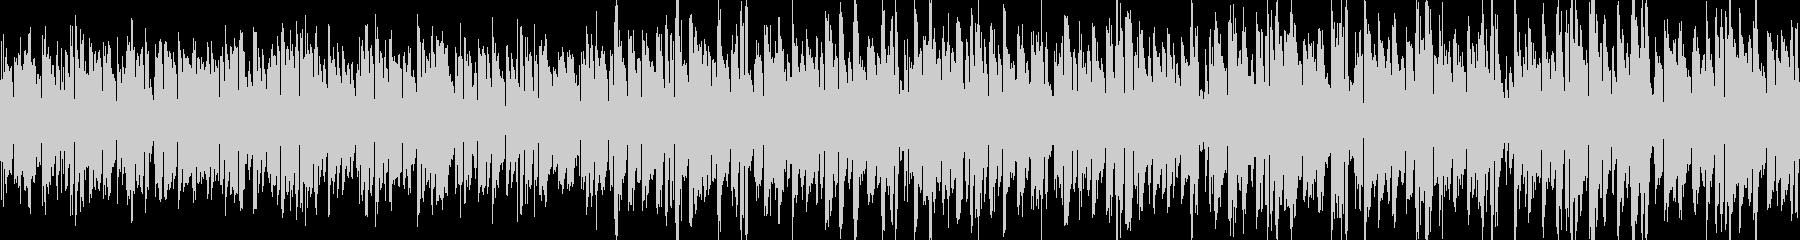 アルペジオ無機質エレクトロニカの未再生の波形